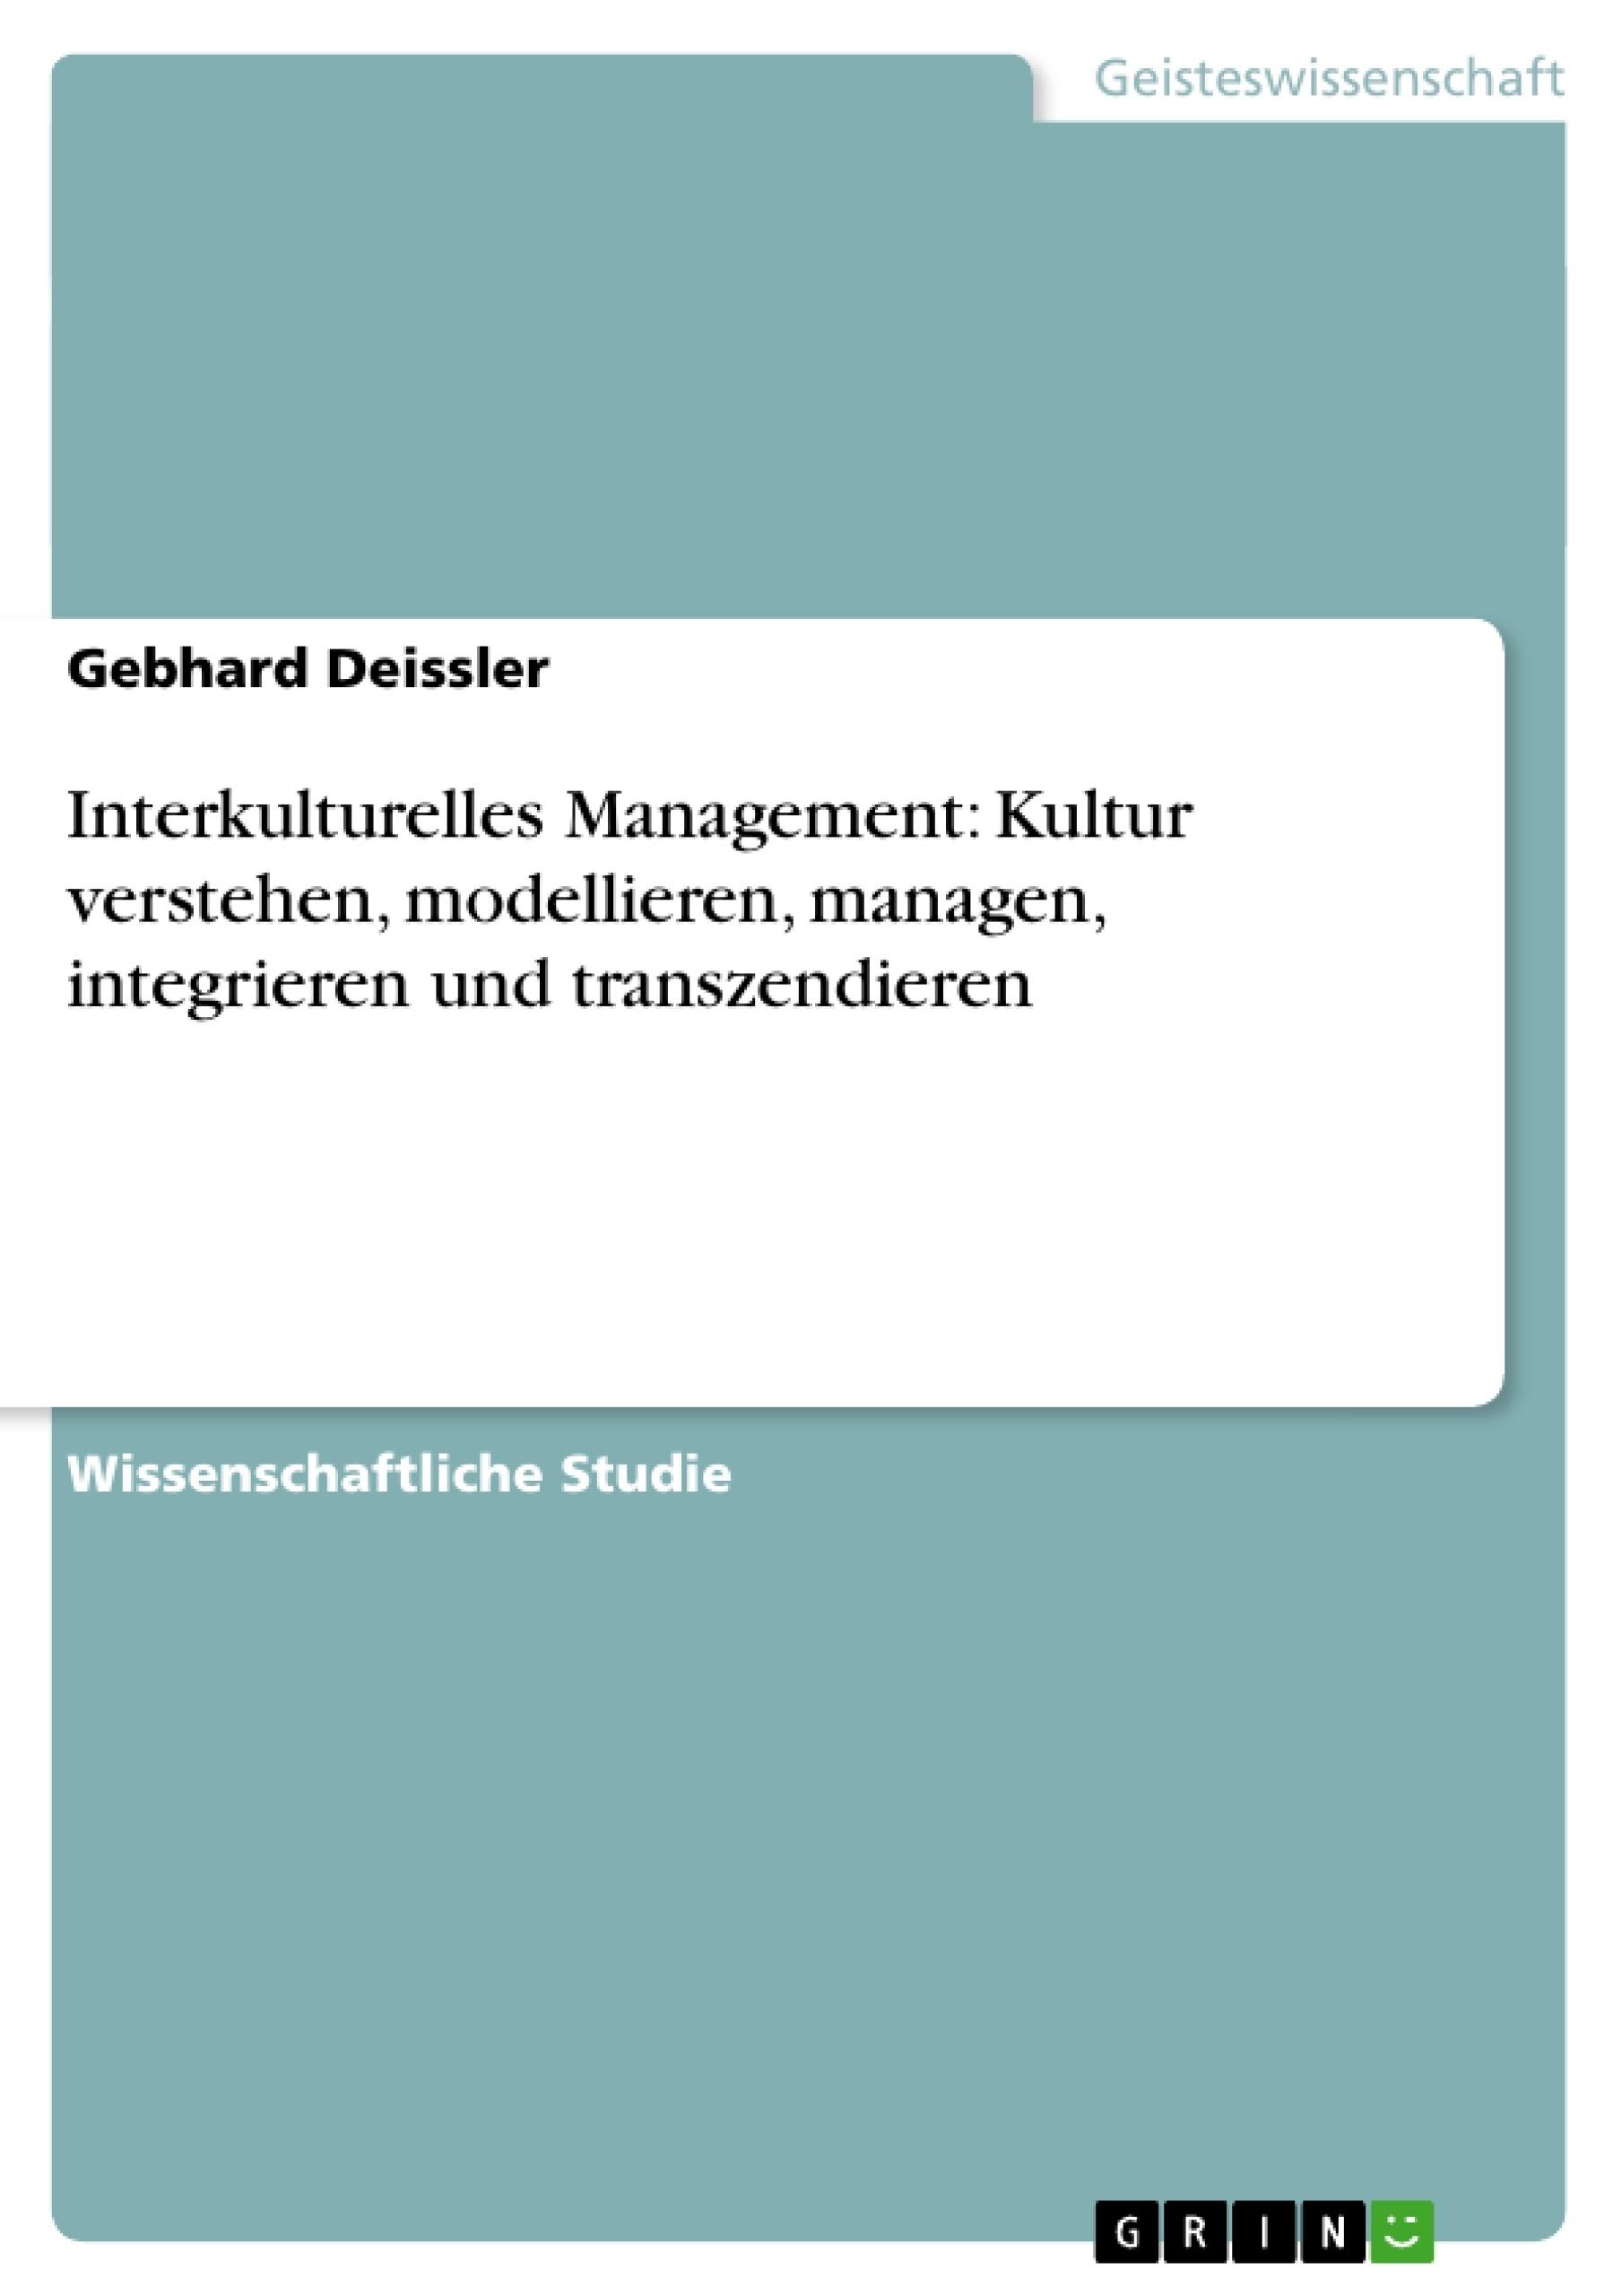 Titel: Interkulturelles Management: Kultur verstehen, modellieren, managen, integrieren und transzendieren